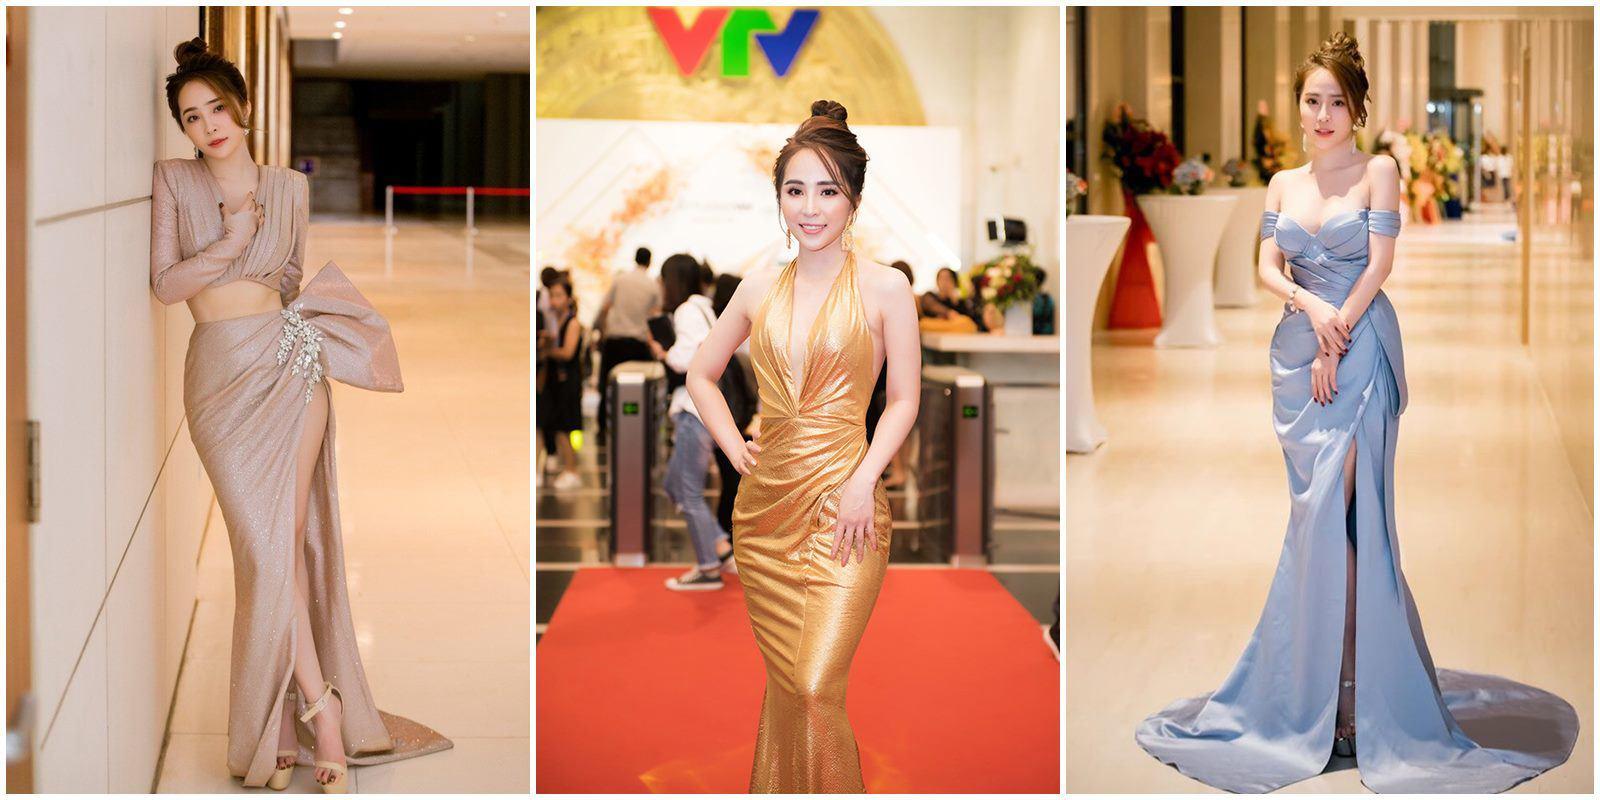 Nữ sinh nào sành như Quỳnh Nga: mặc váy ngắn cũn, đeo balo trăm triệu làm bạn học ngất ngây - 10